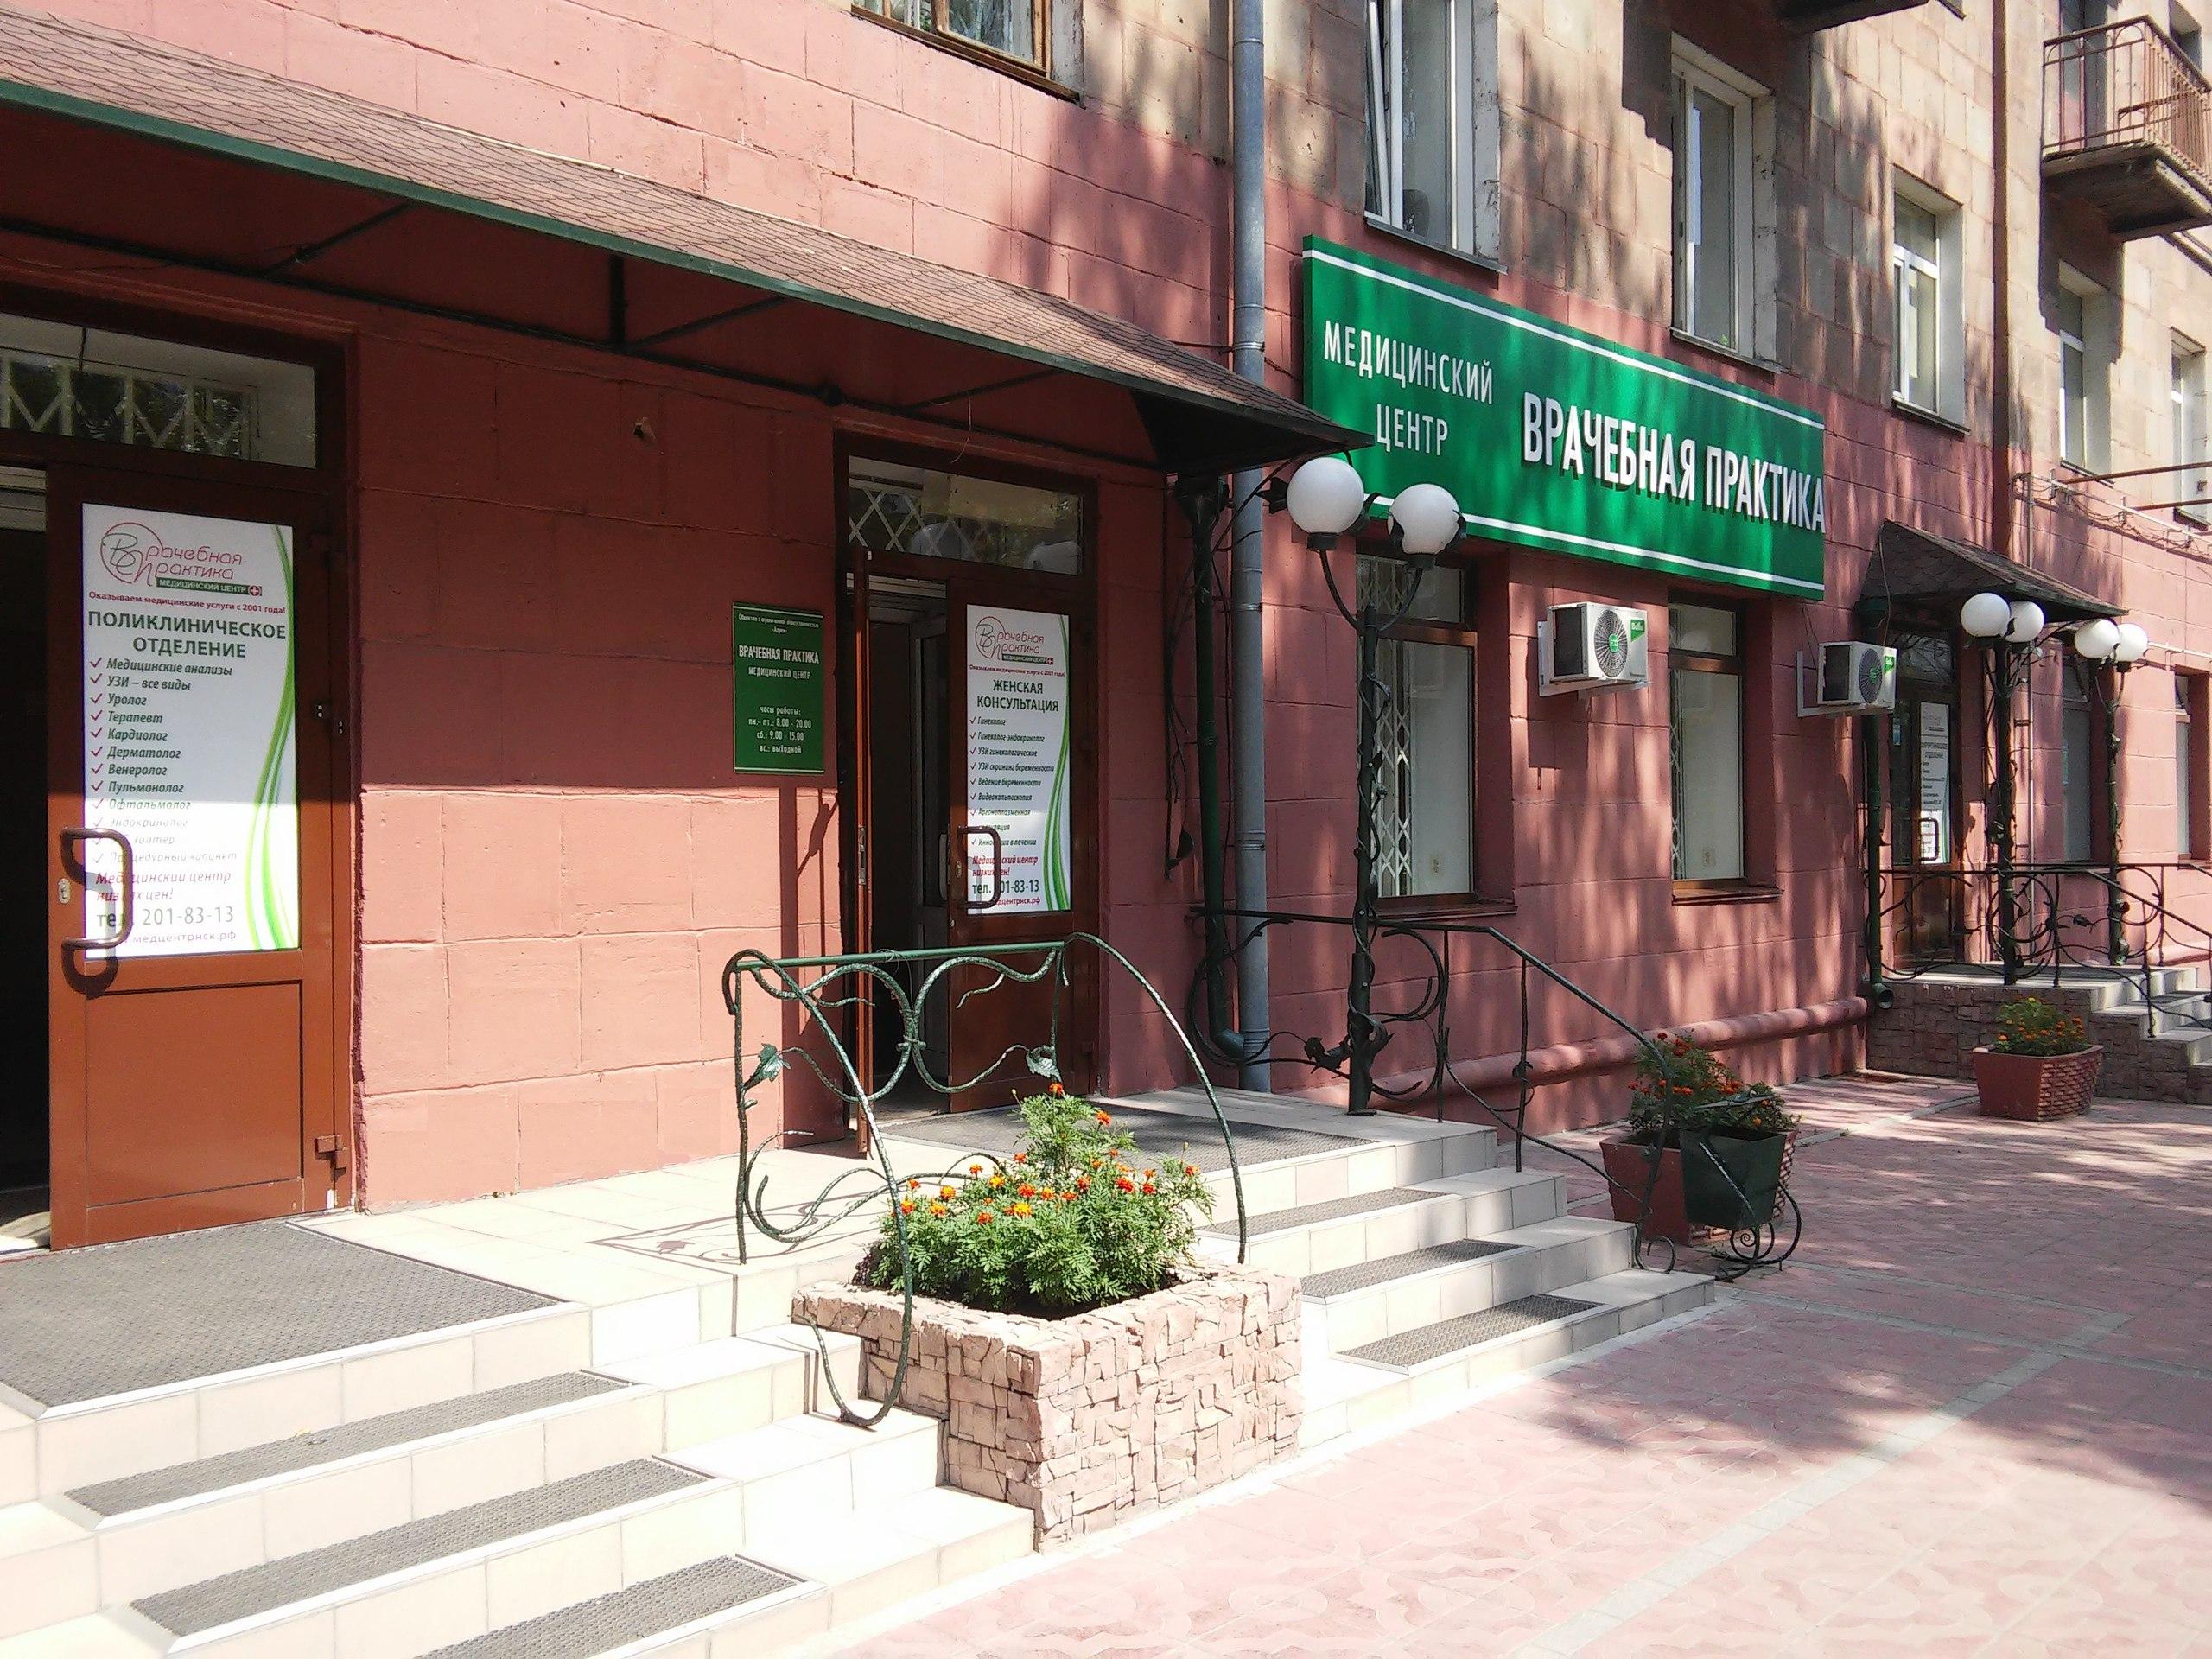 женская консультация в новосибирске